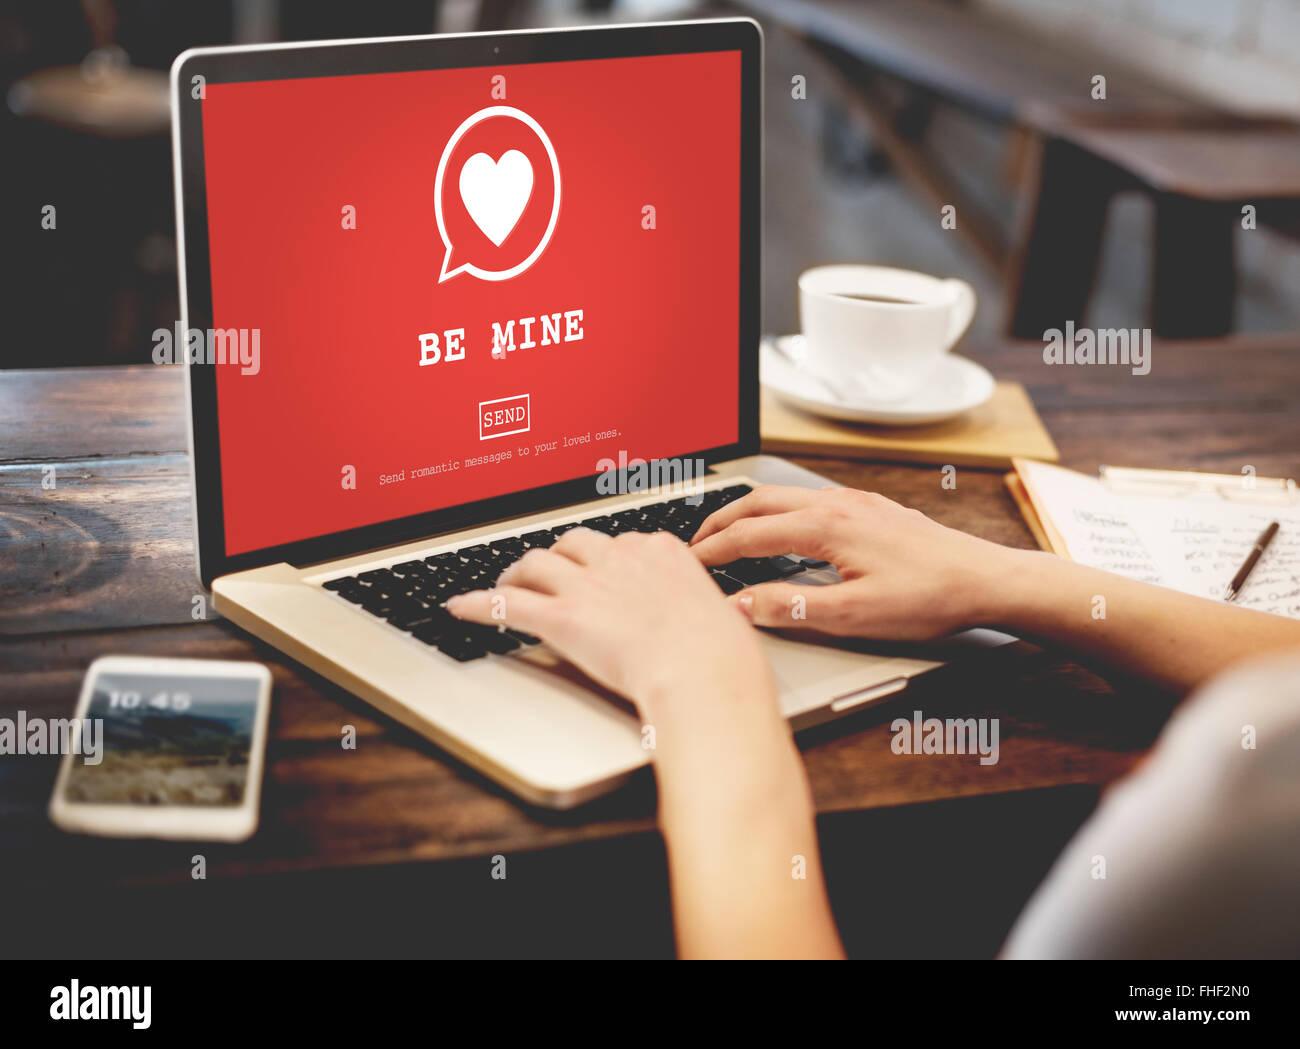 Mine Valantine Romantik Herz Liebe Leidenschaft Konzept Stockfoto